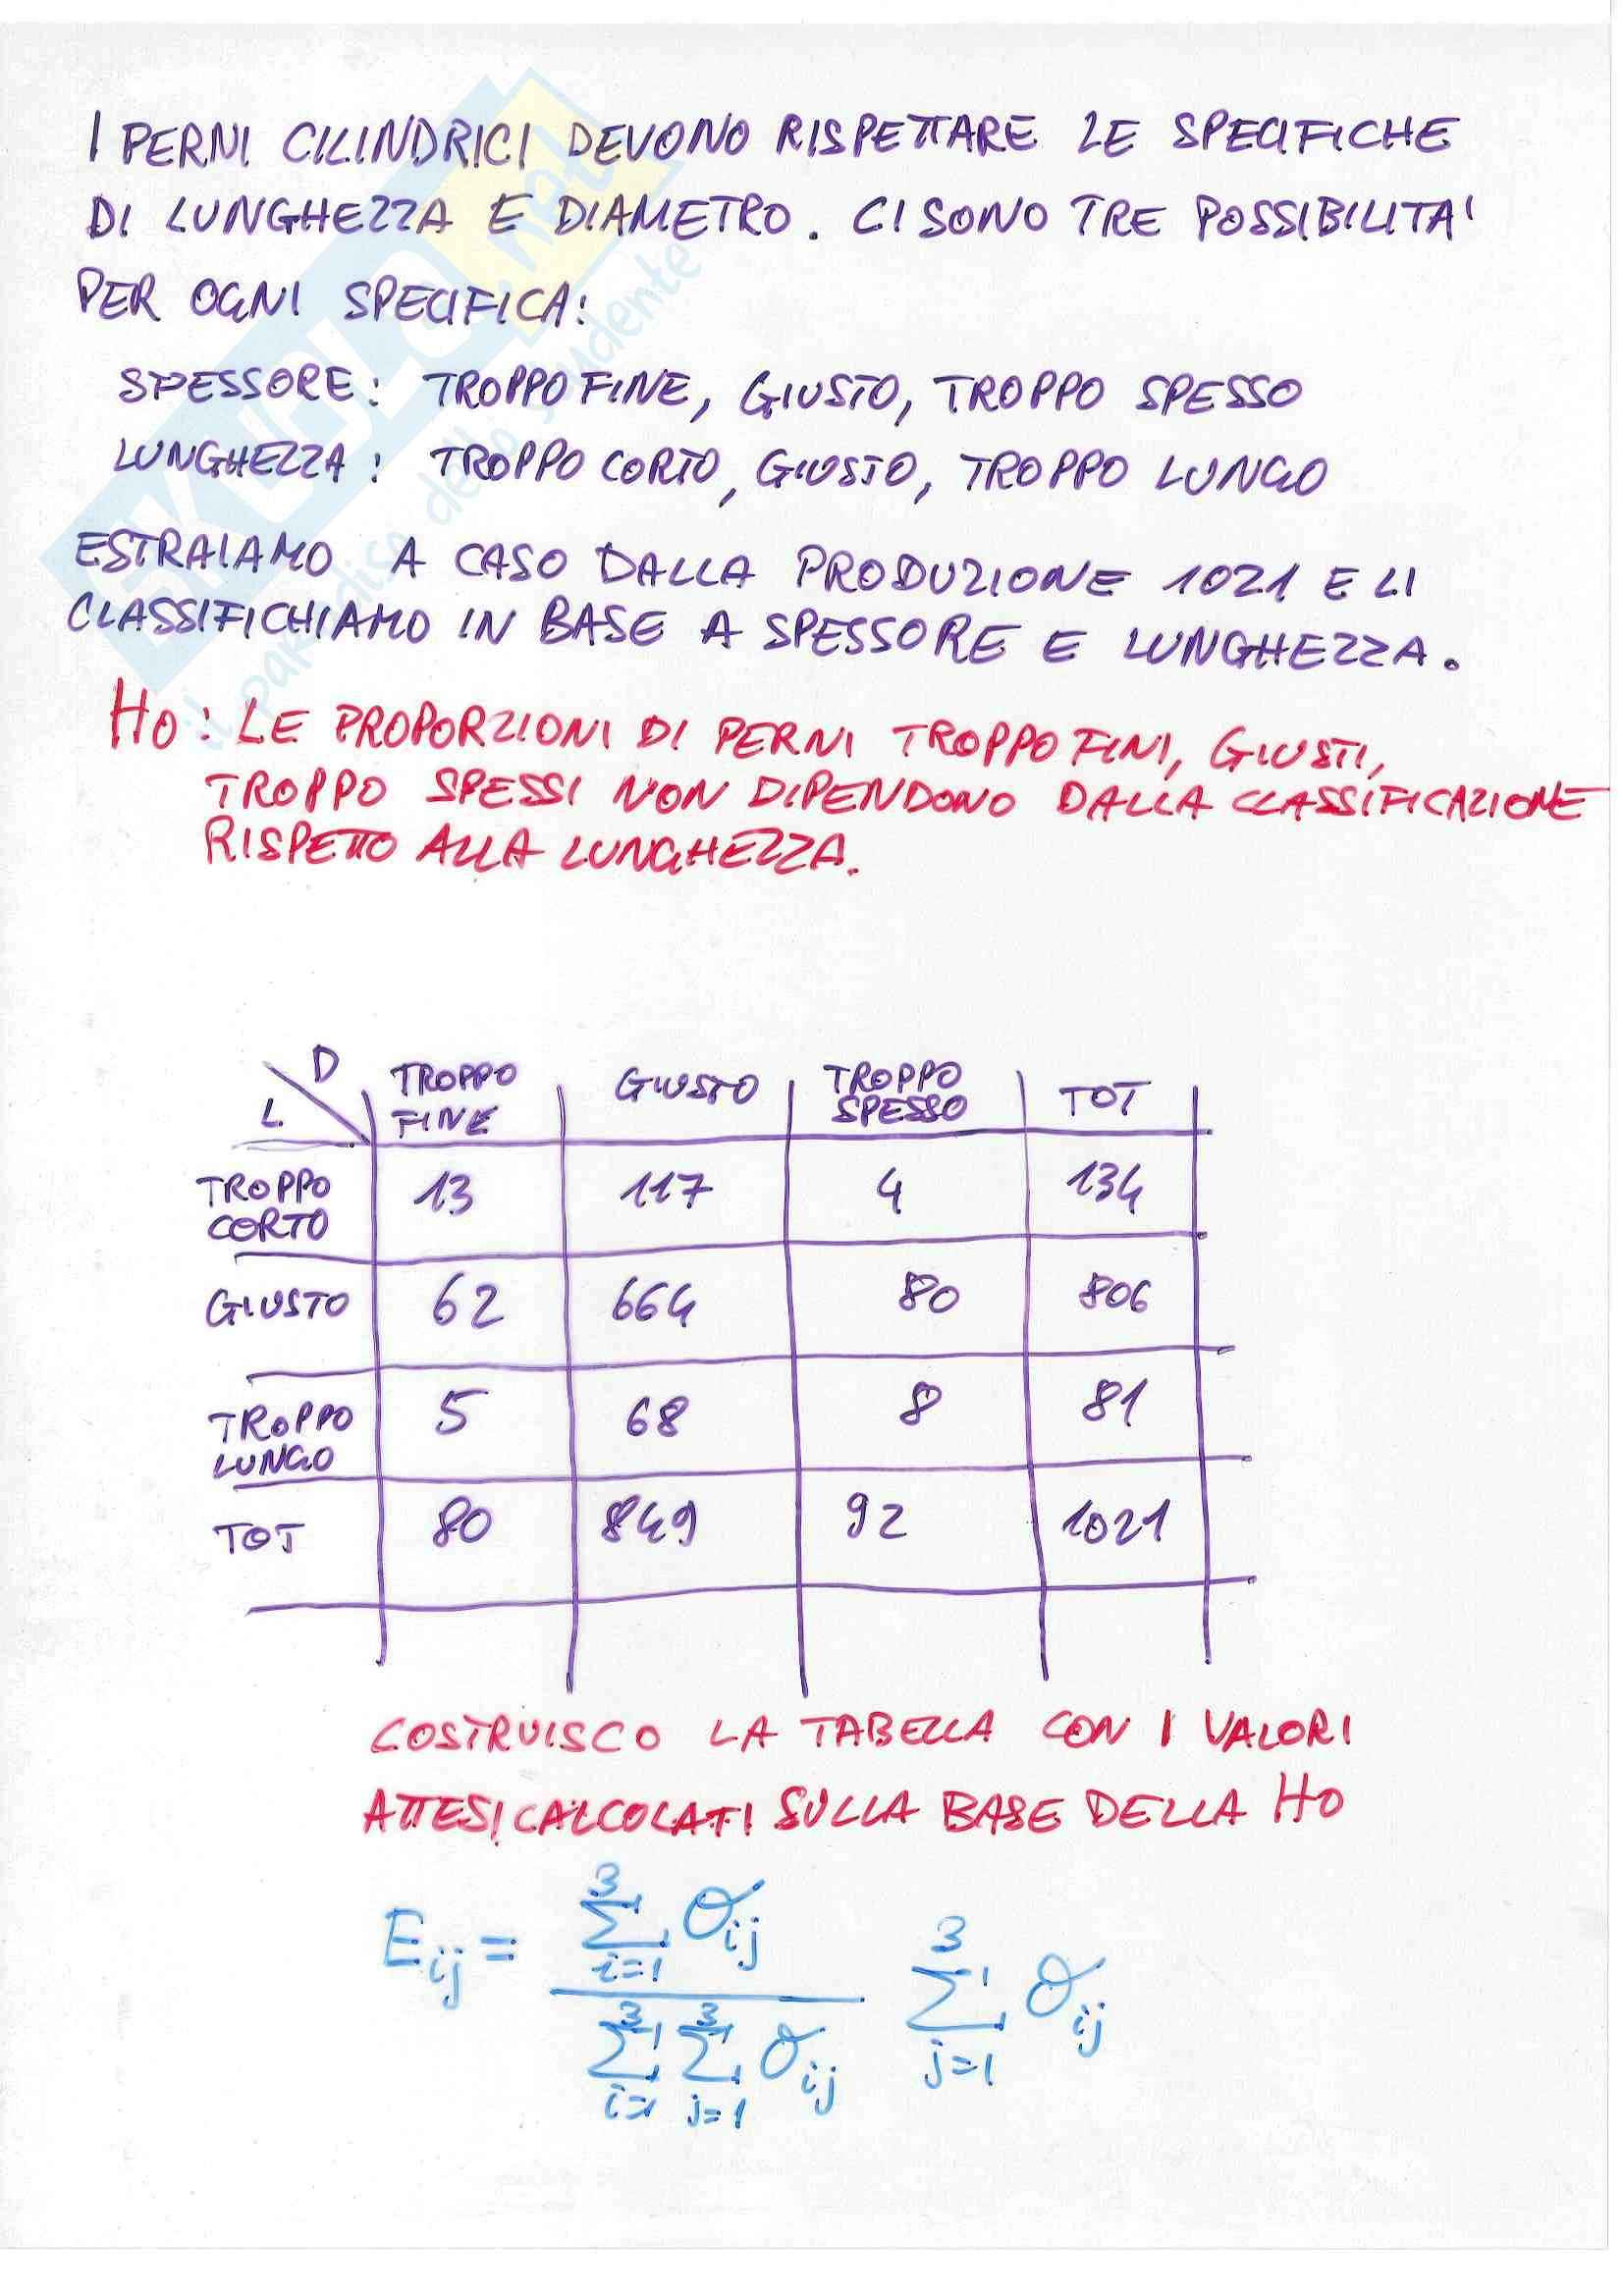 Statitica e calcolo delle probabilità - Test di ipotesi Pag. 11